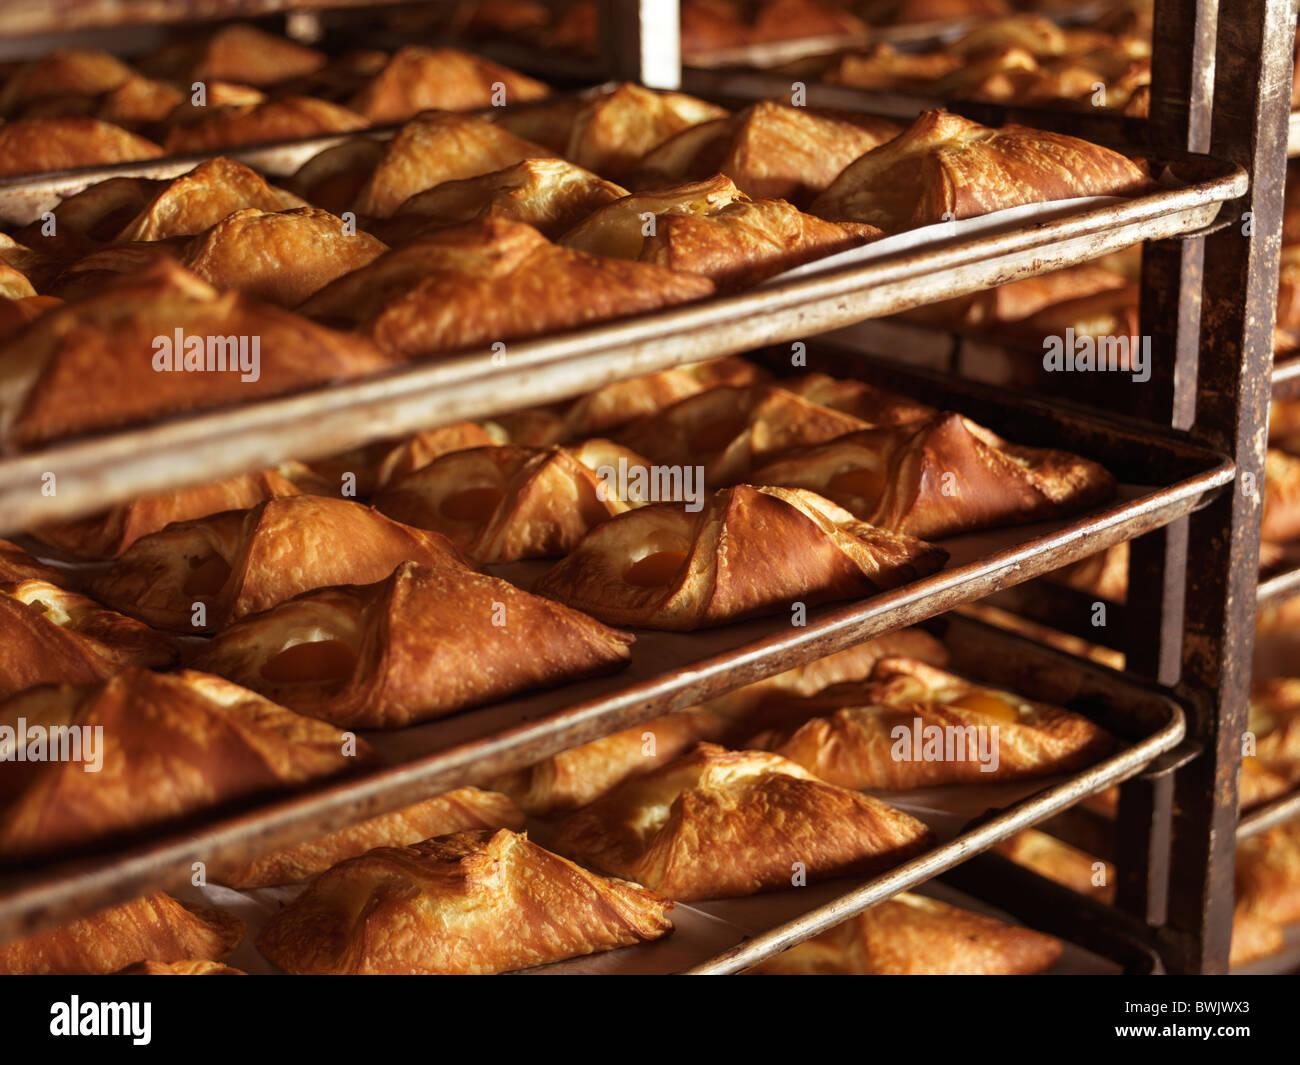 Bollería recién horneada en bandejas para hornear en panadería carros rack Imagen De Stock